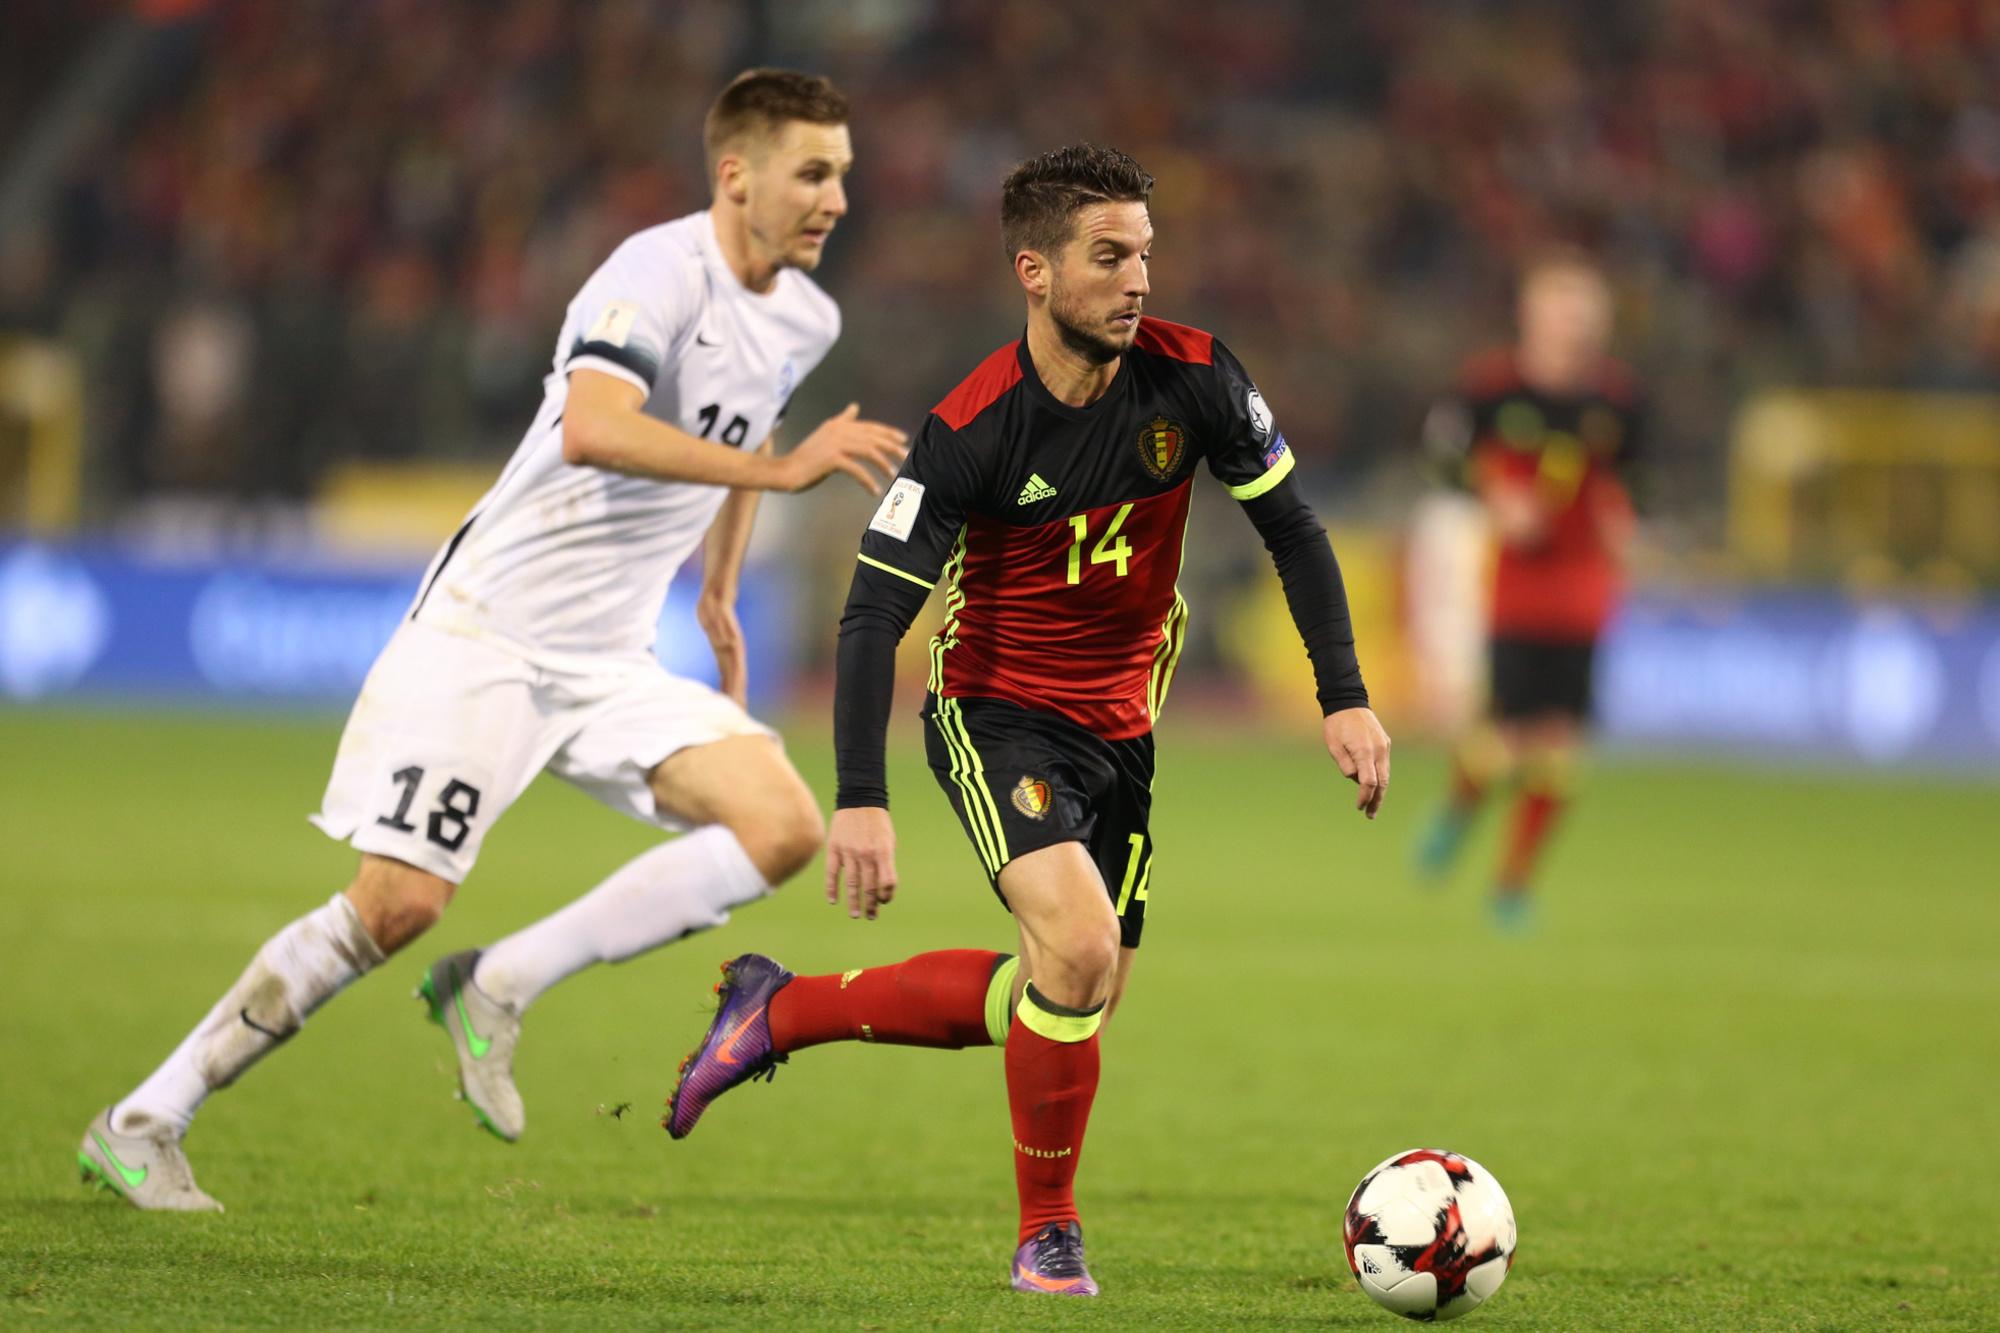 Dries Mertens lors de la victoire des Diables rouges 8-1 contre l'Estonie lors de la campagne pour le Mondial 2018. Cette fois, le lutin de Naples ne sera pas de la partie à Tallinn, belga